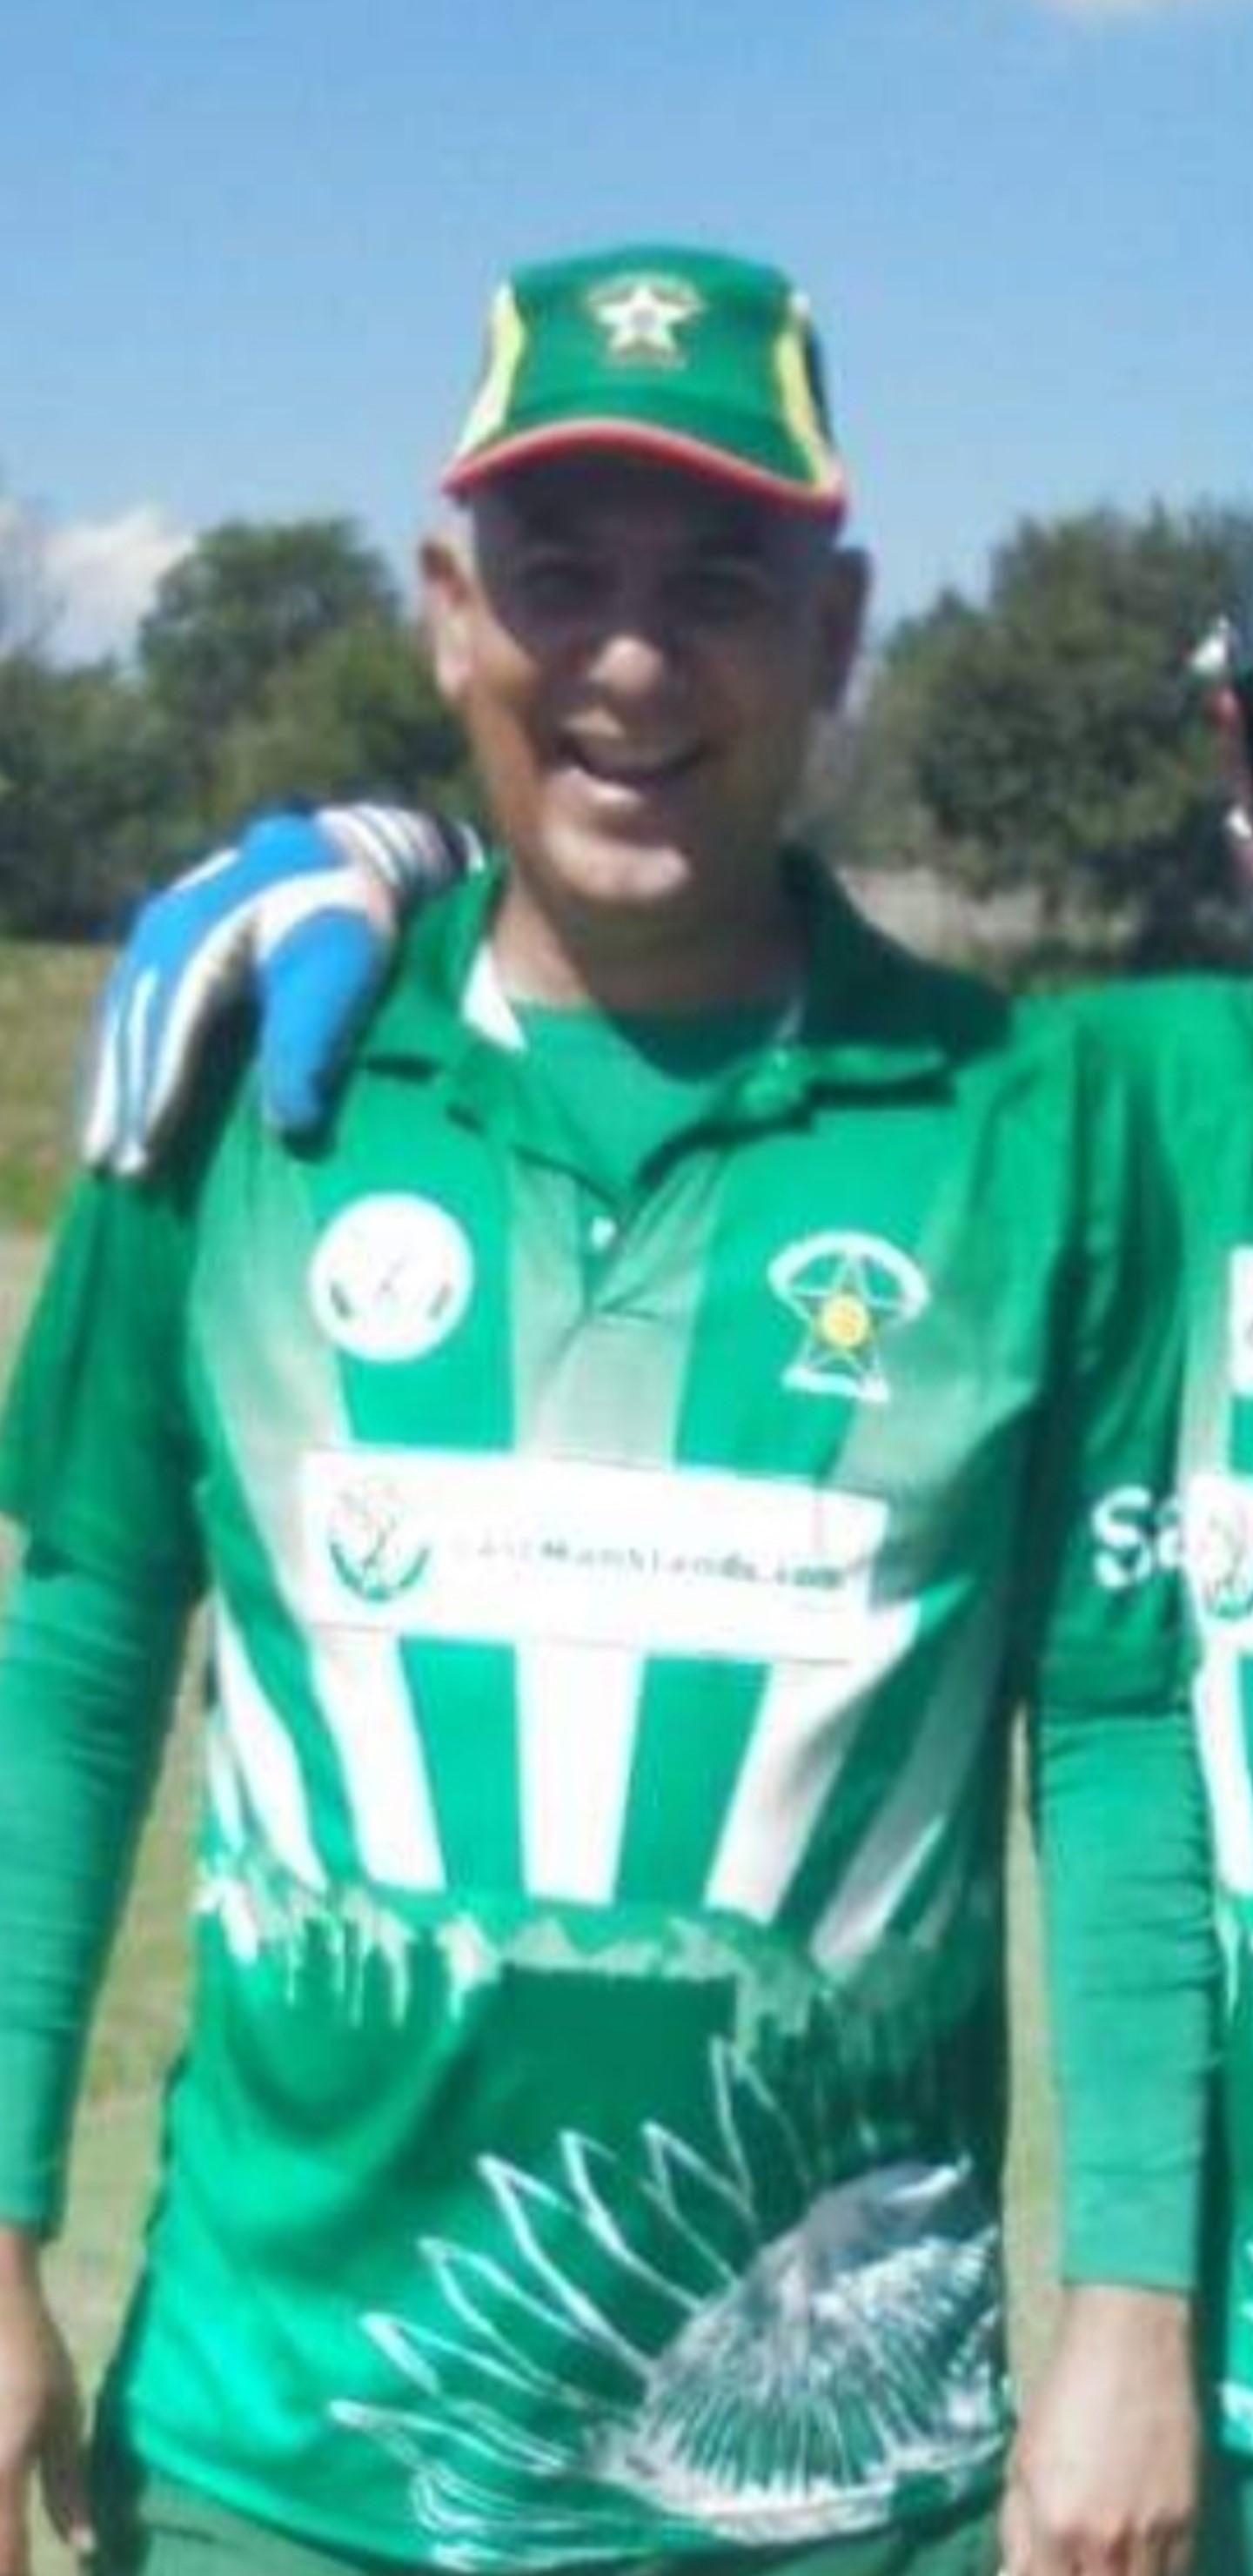 Irfan Kashir